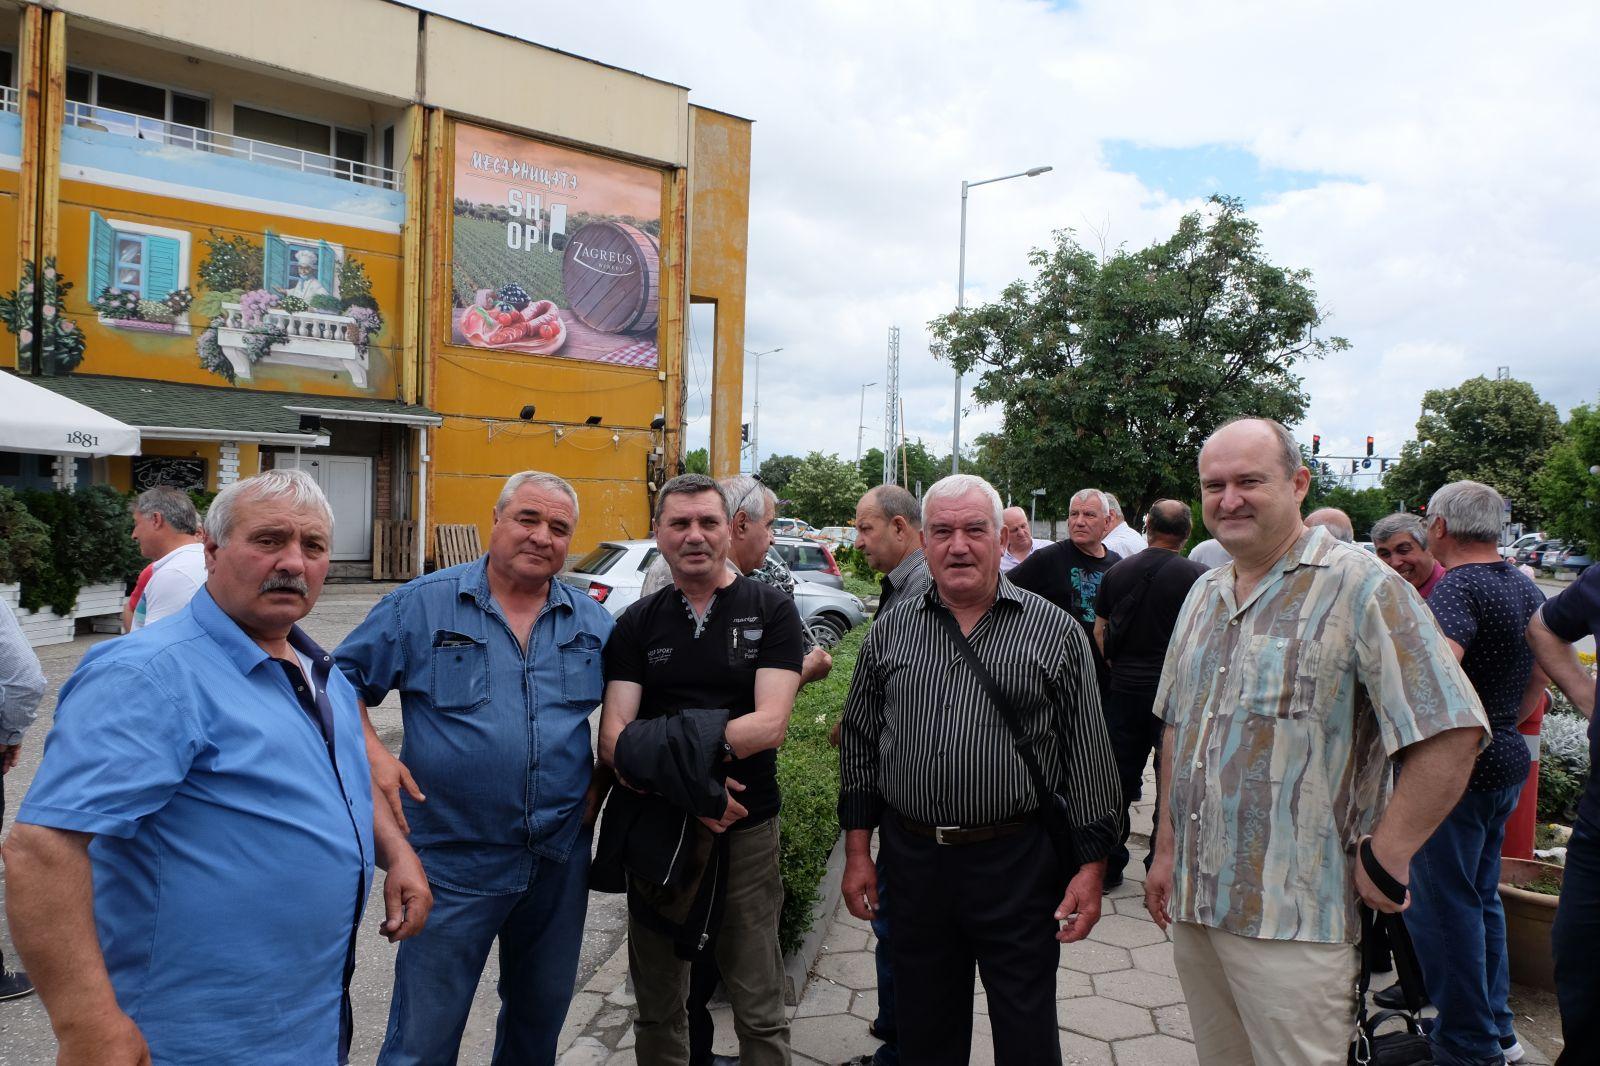 """""""Службата и дружбата"""": Среща на ветерани от ИТС от  Авиобаза Граф Игнатиево по случай 70-годишнината от основаването й (фотогалерия-1 част)"""